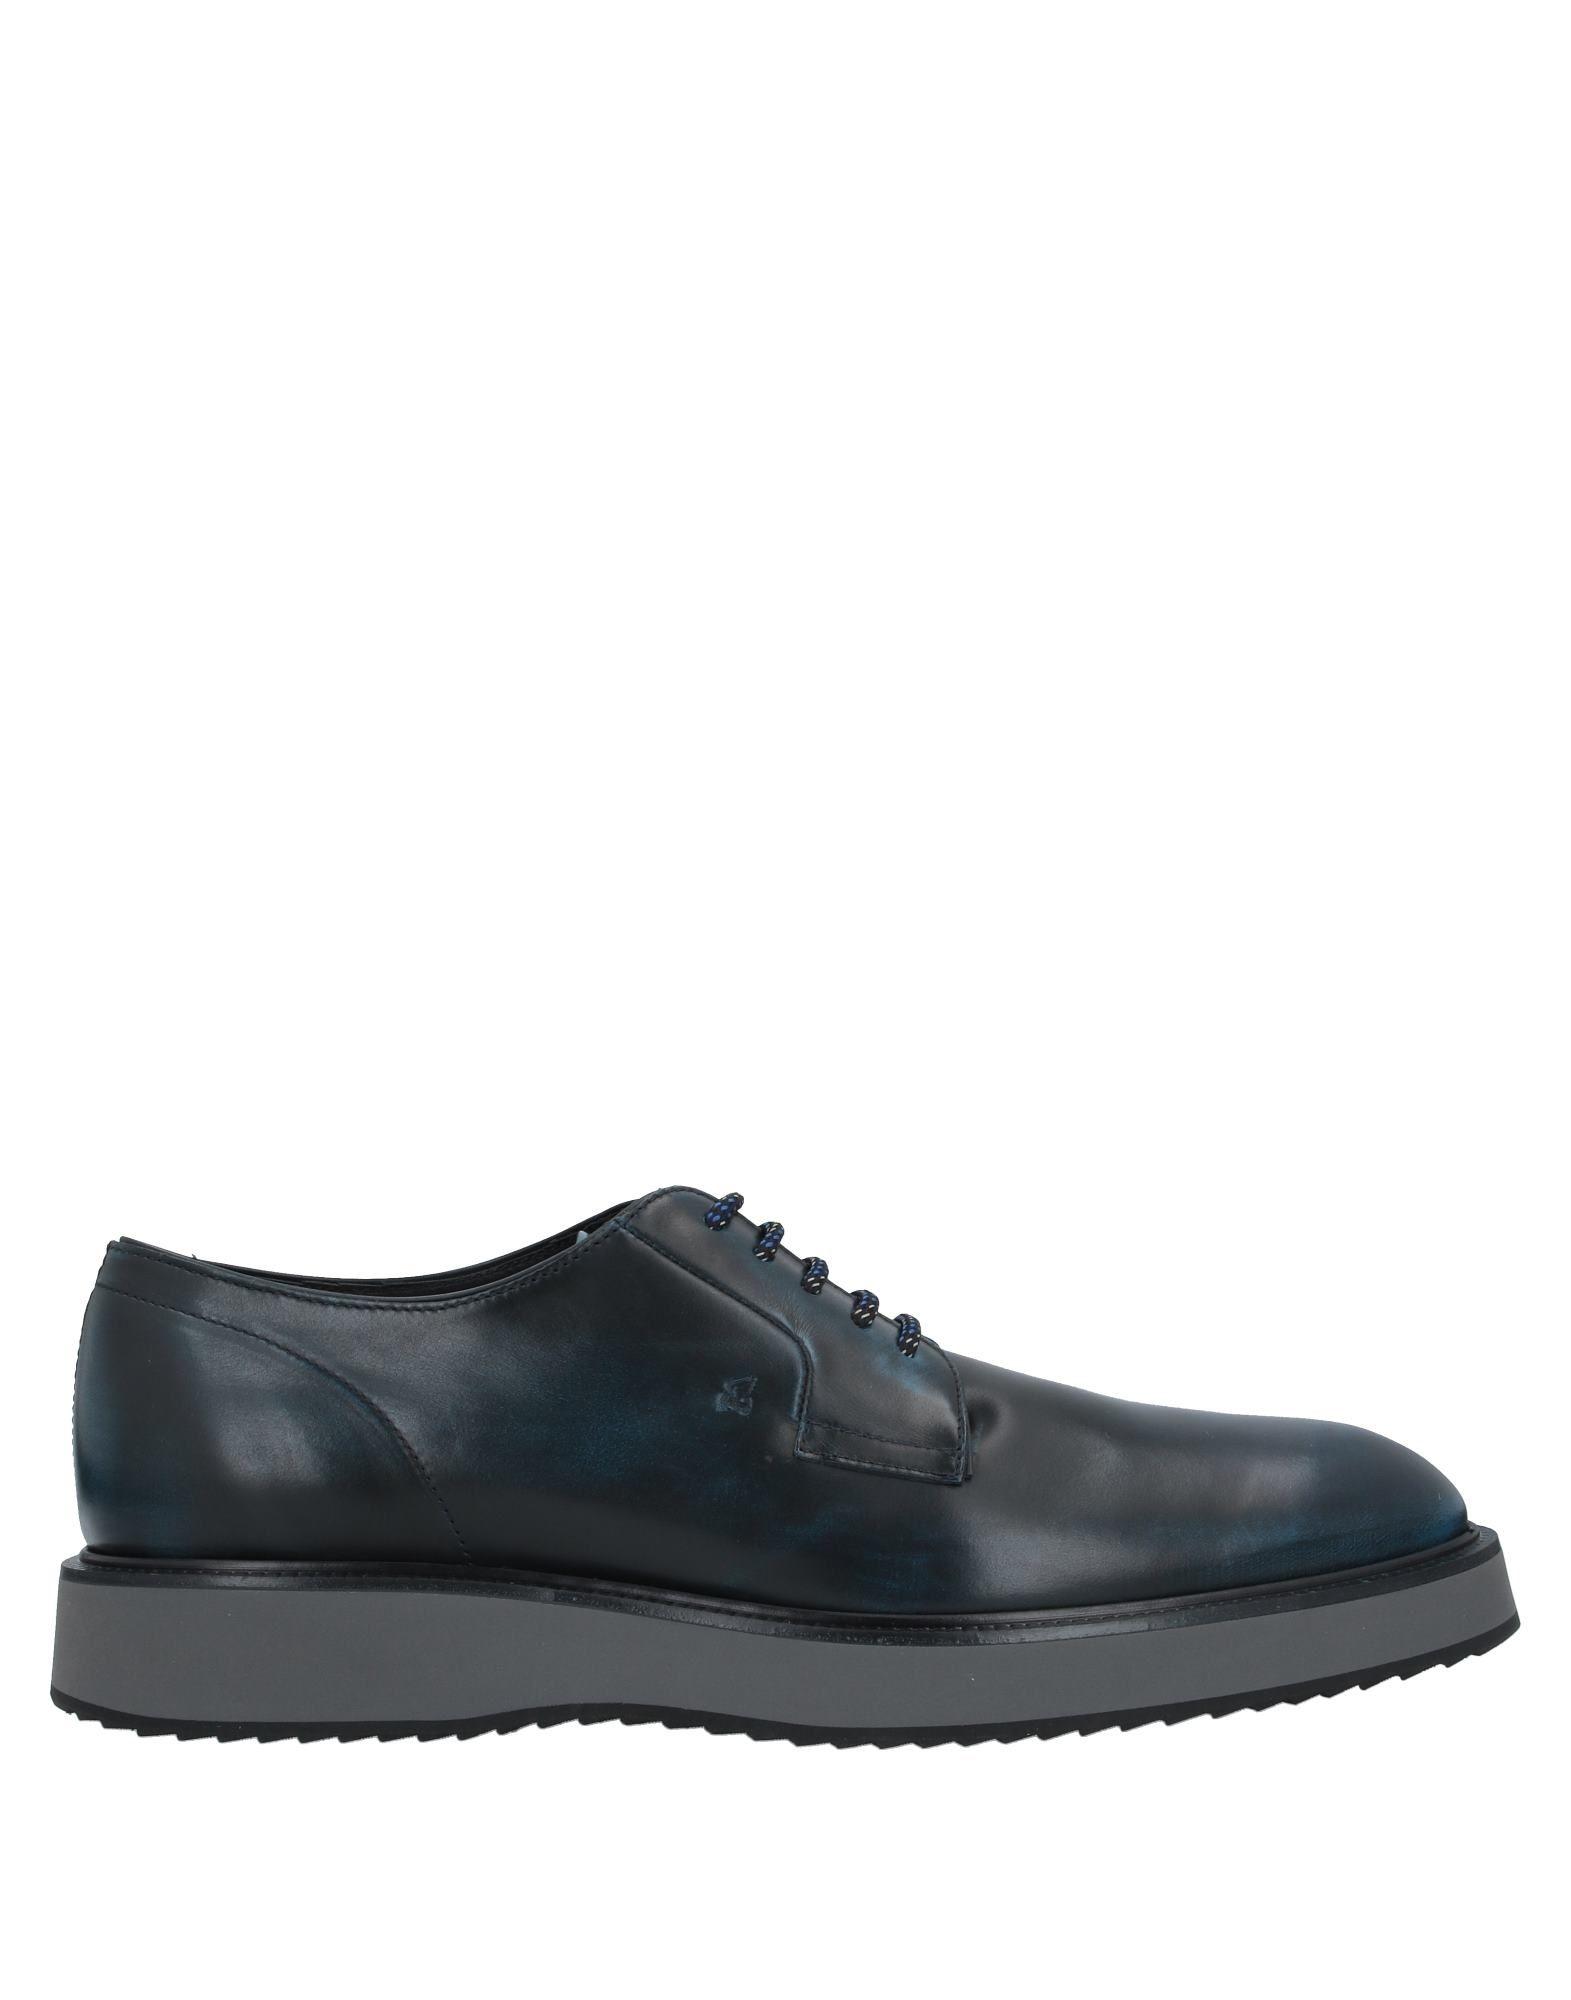 коламбия обувь зимняя женская